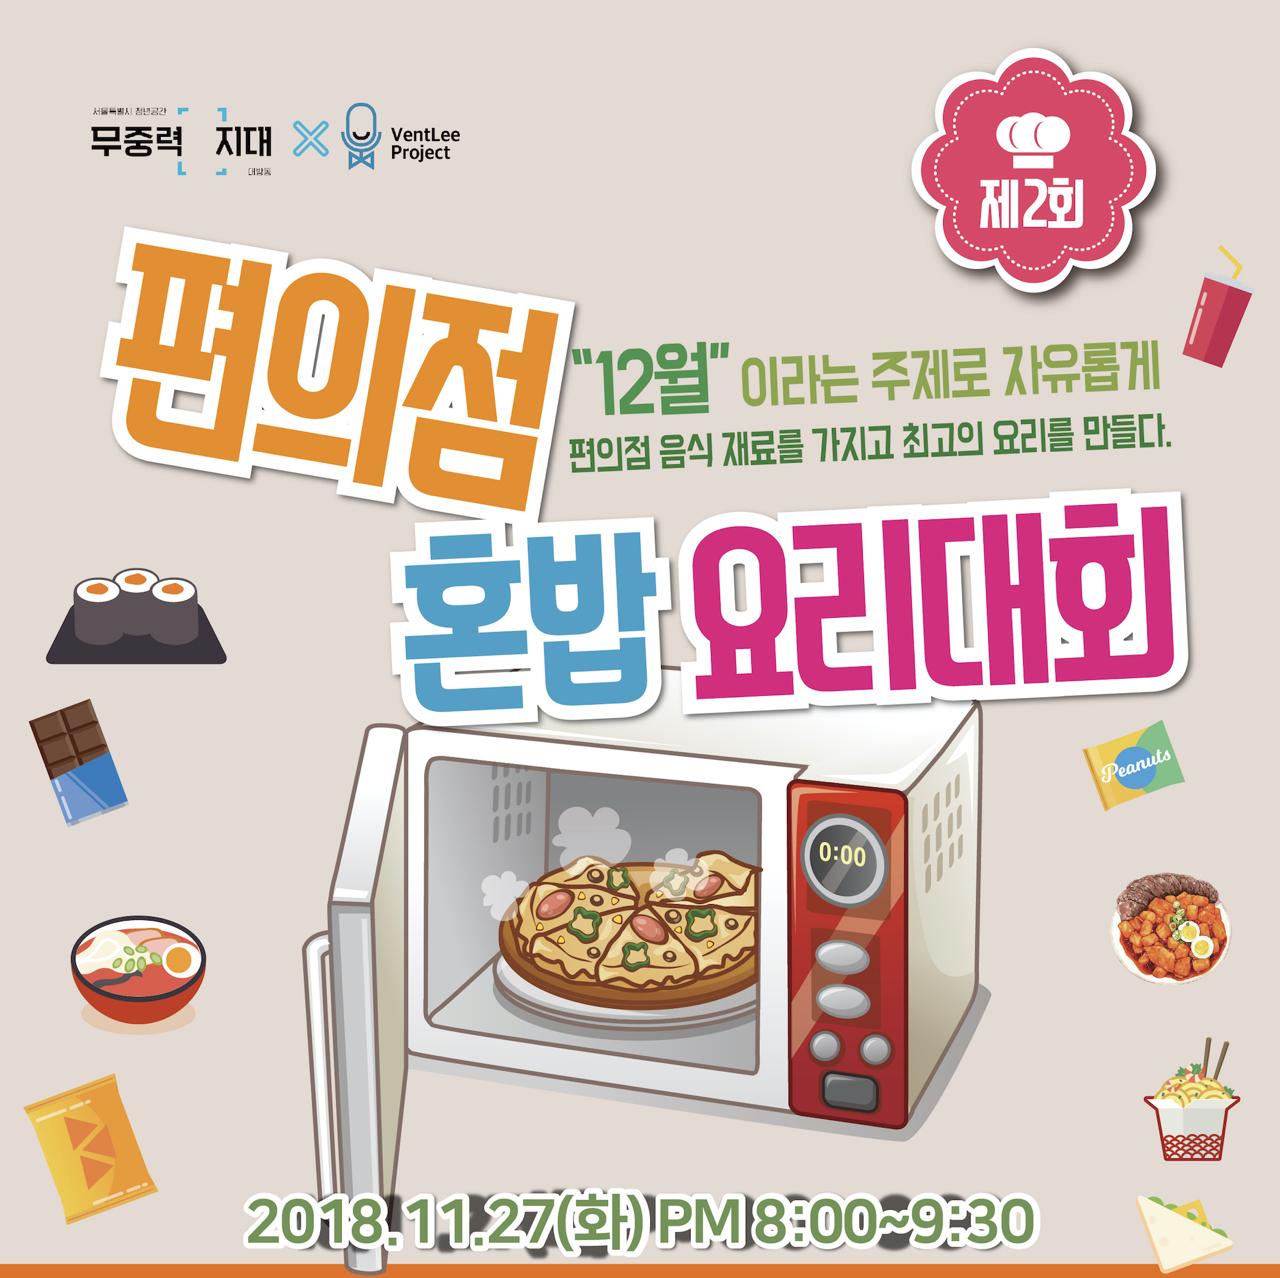 [나눔 세번째] 제2회 혼밥 요리대회